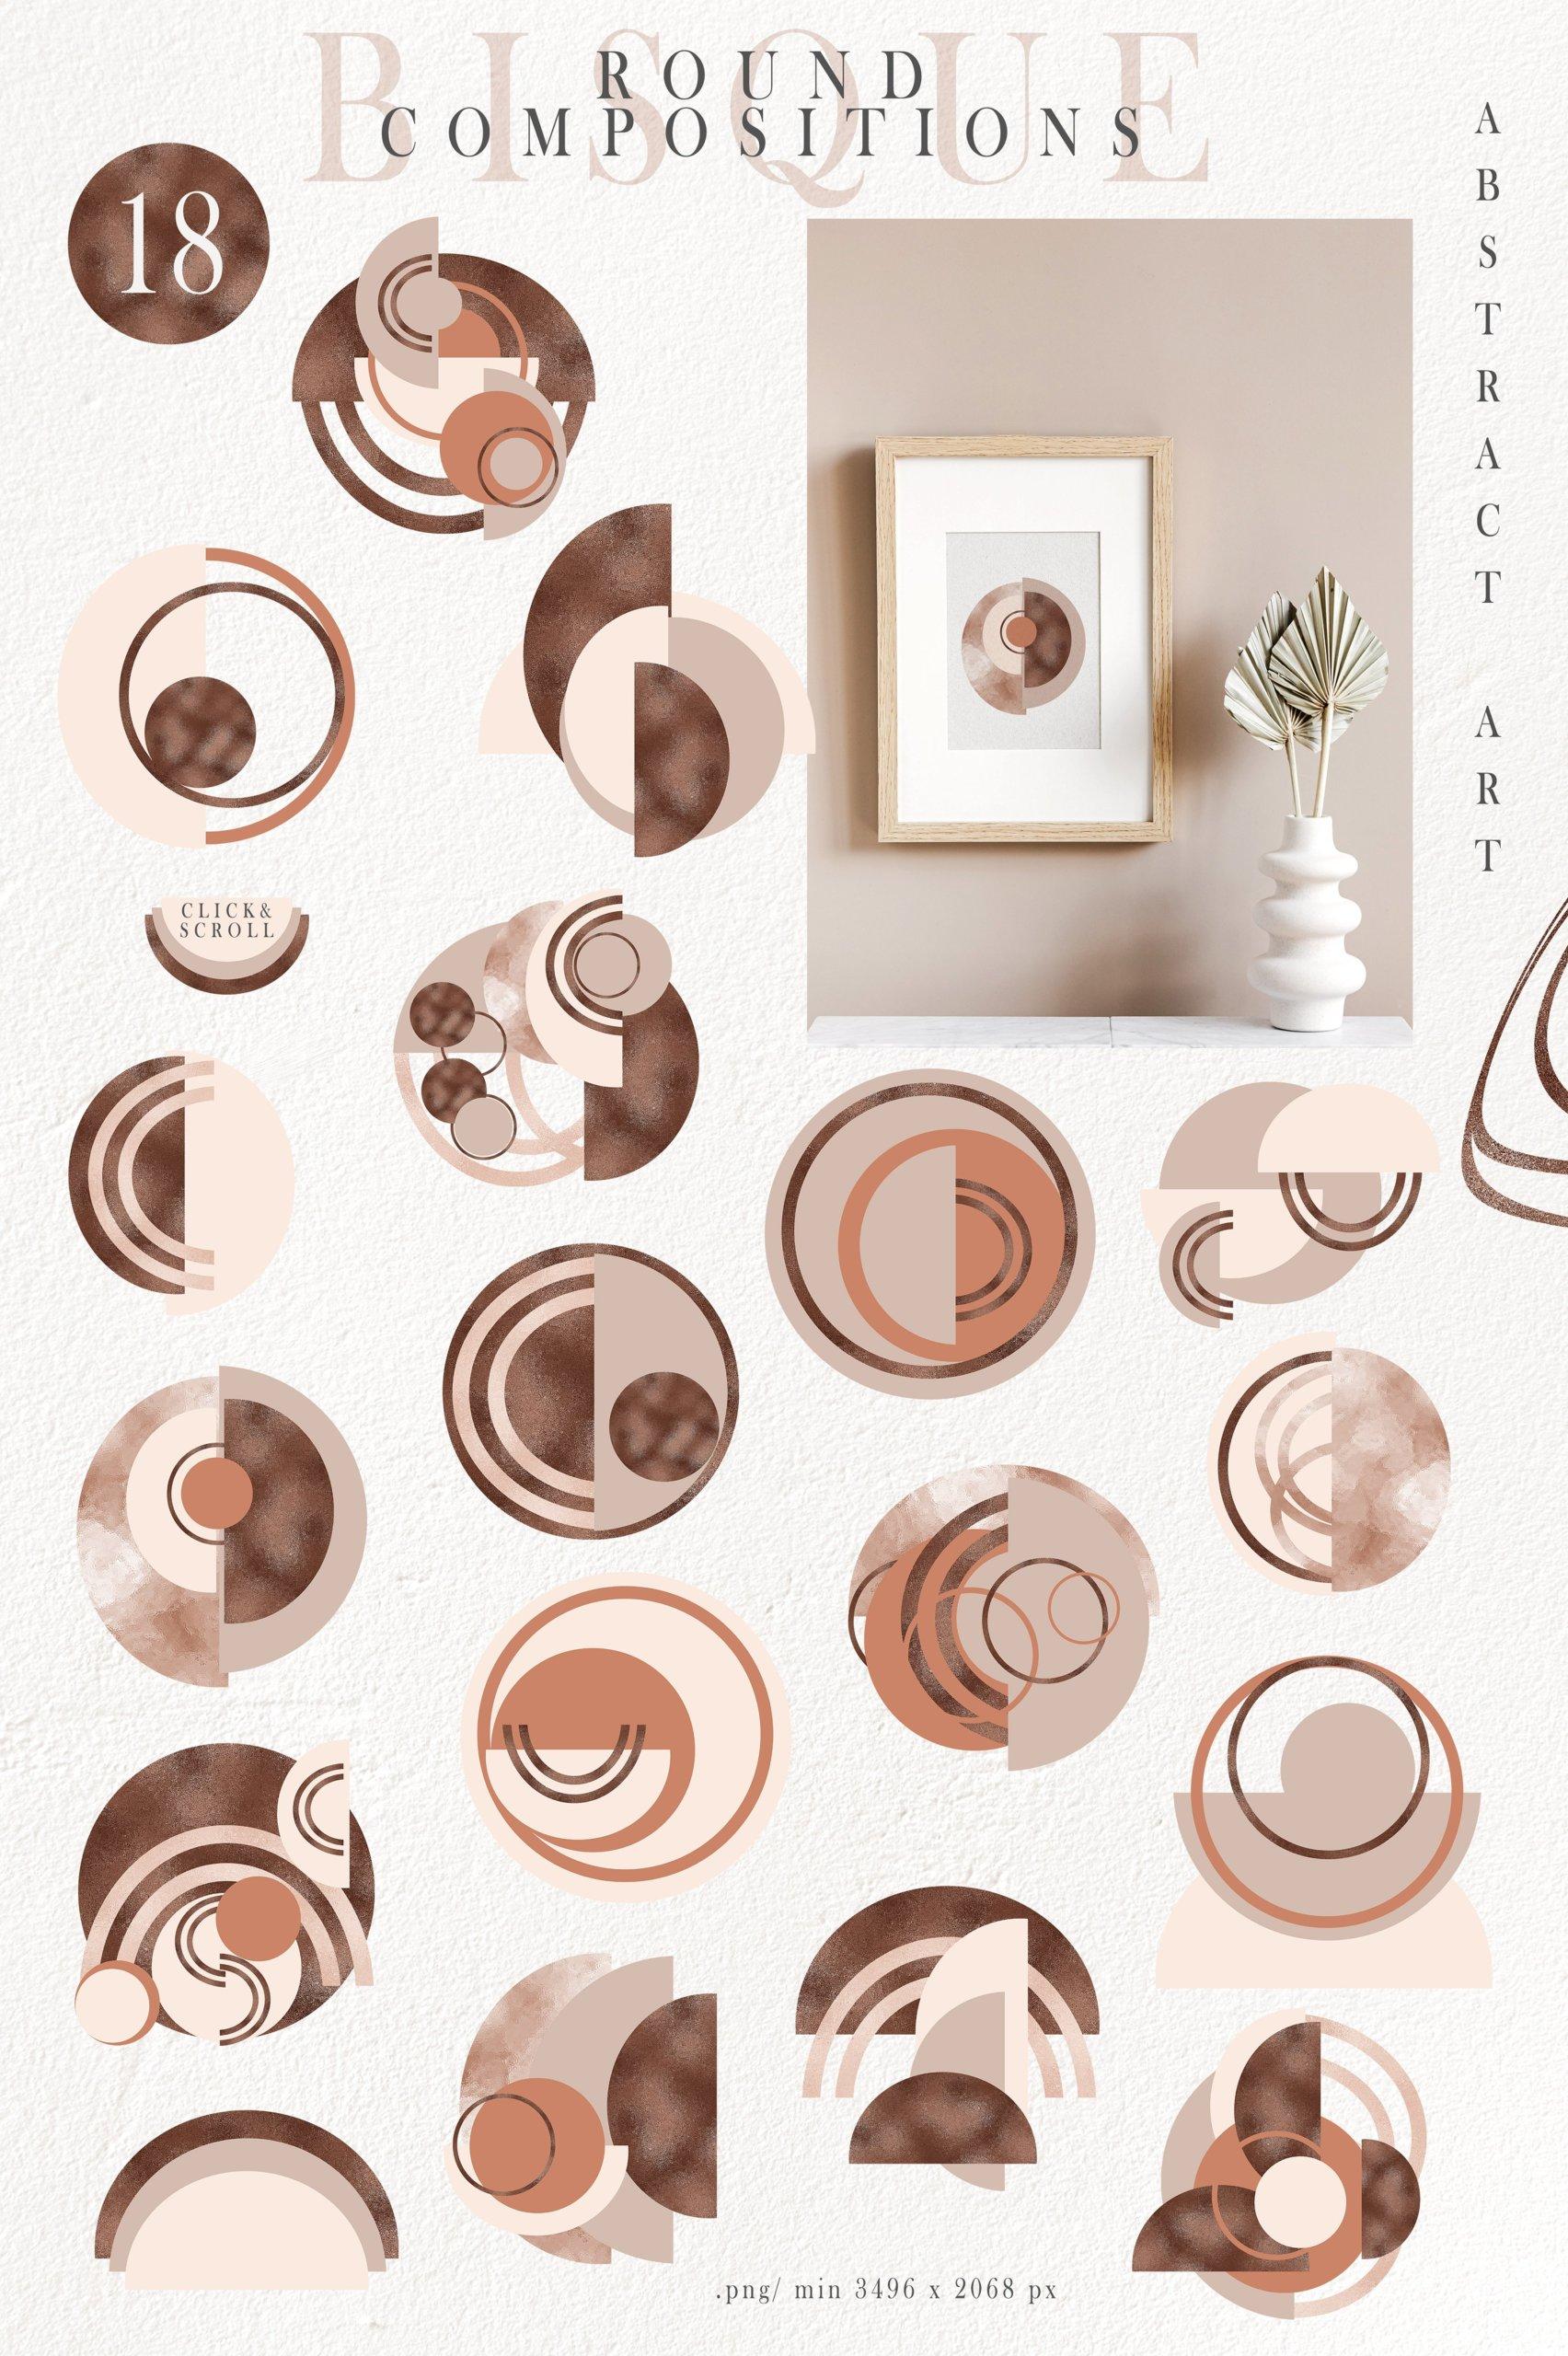 抽象巧克力奶油线条图形符号字母PNG透明背景图片设计素材 Abstract Shapes, Line Art, Alphabet插图4